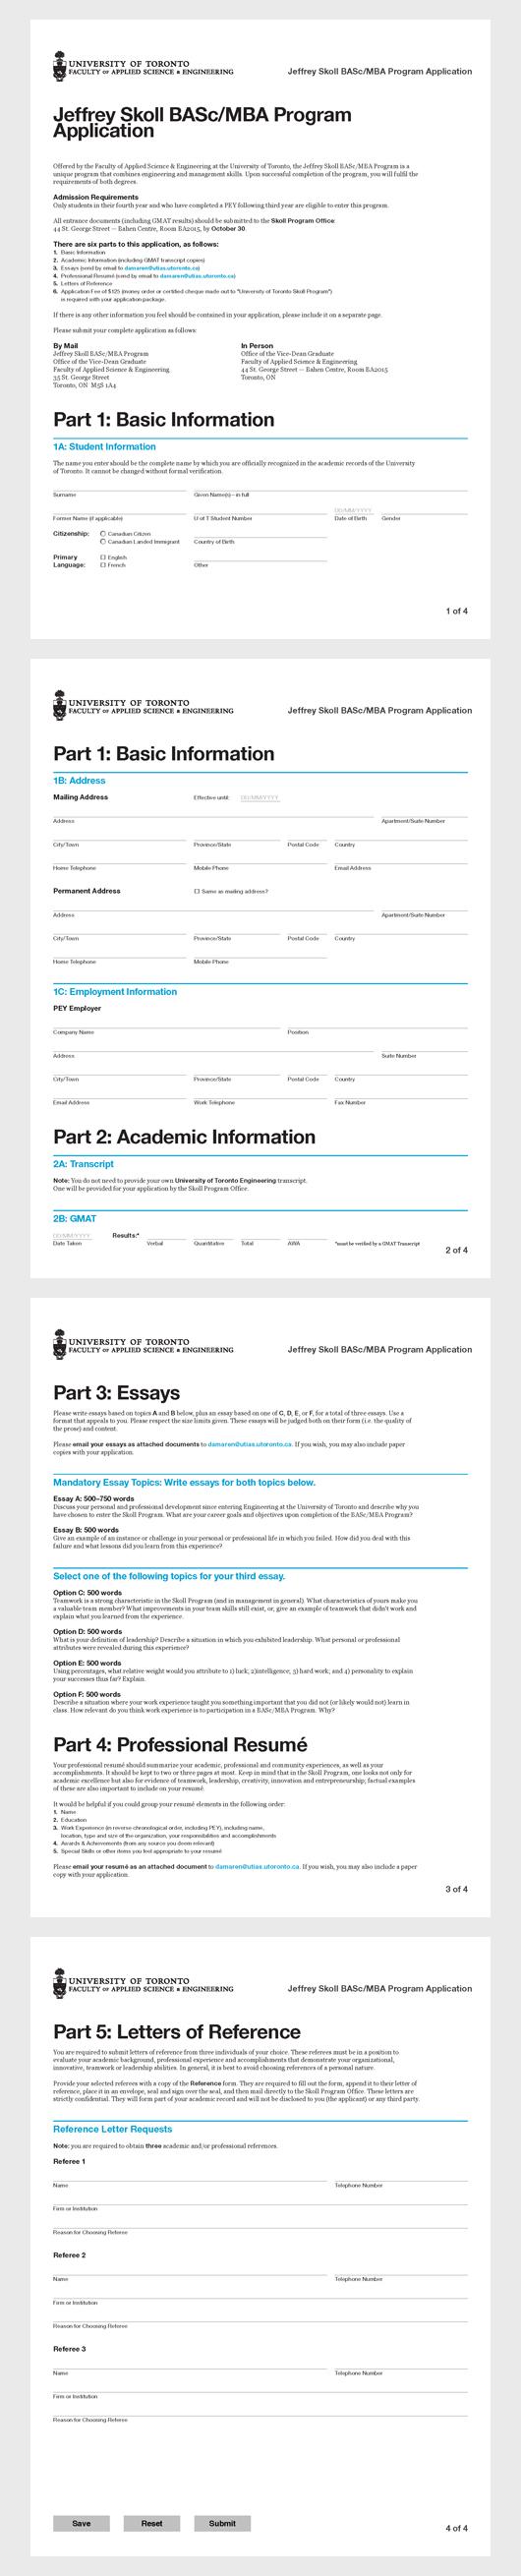 Katherine Carney  Skoll Application Form  Get Inspired  Design